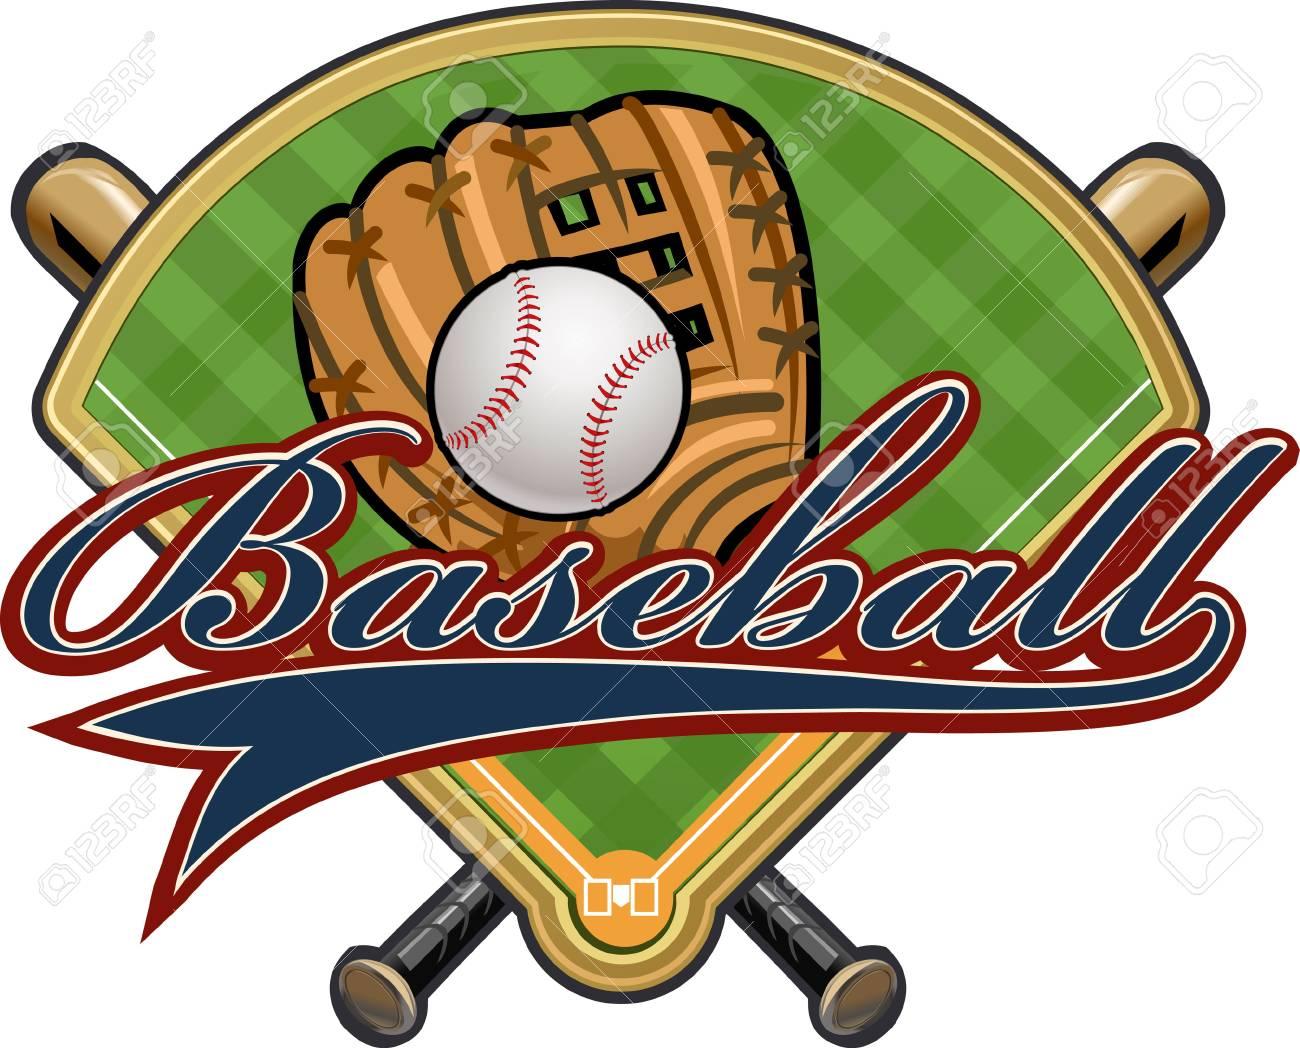 Baseball glove, ball, bat and field.